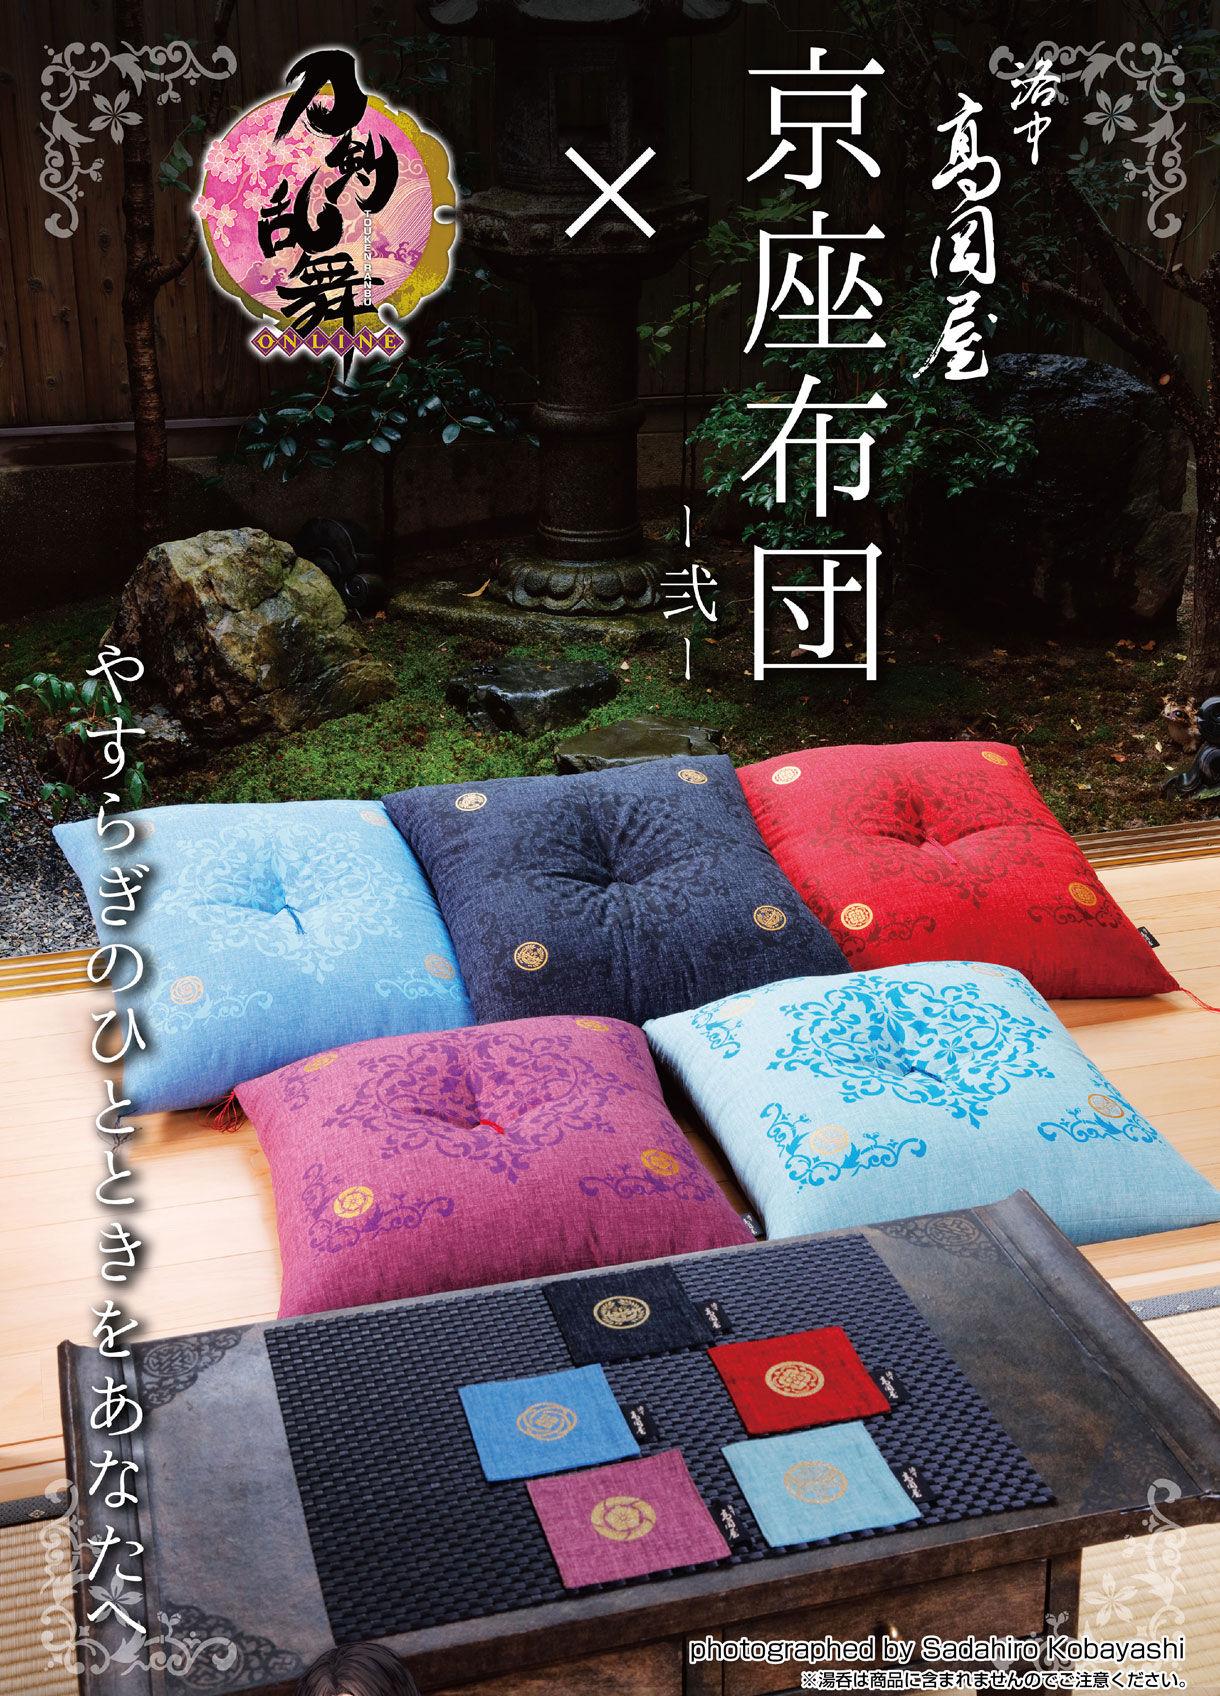 刀剣乱舞-ONLINE-×洛中高岡屋 京座布団-弐-